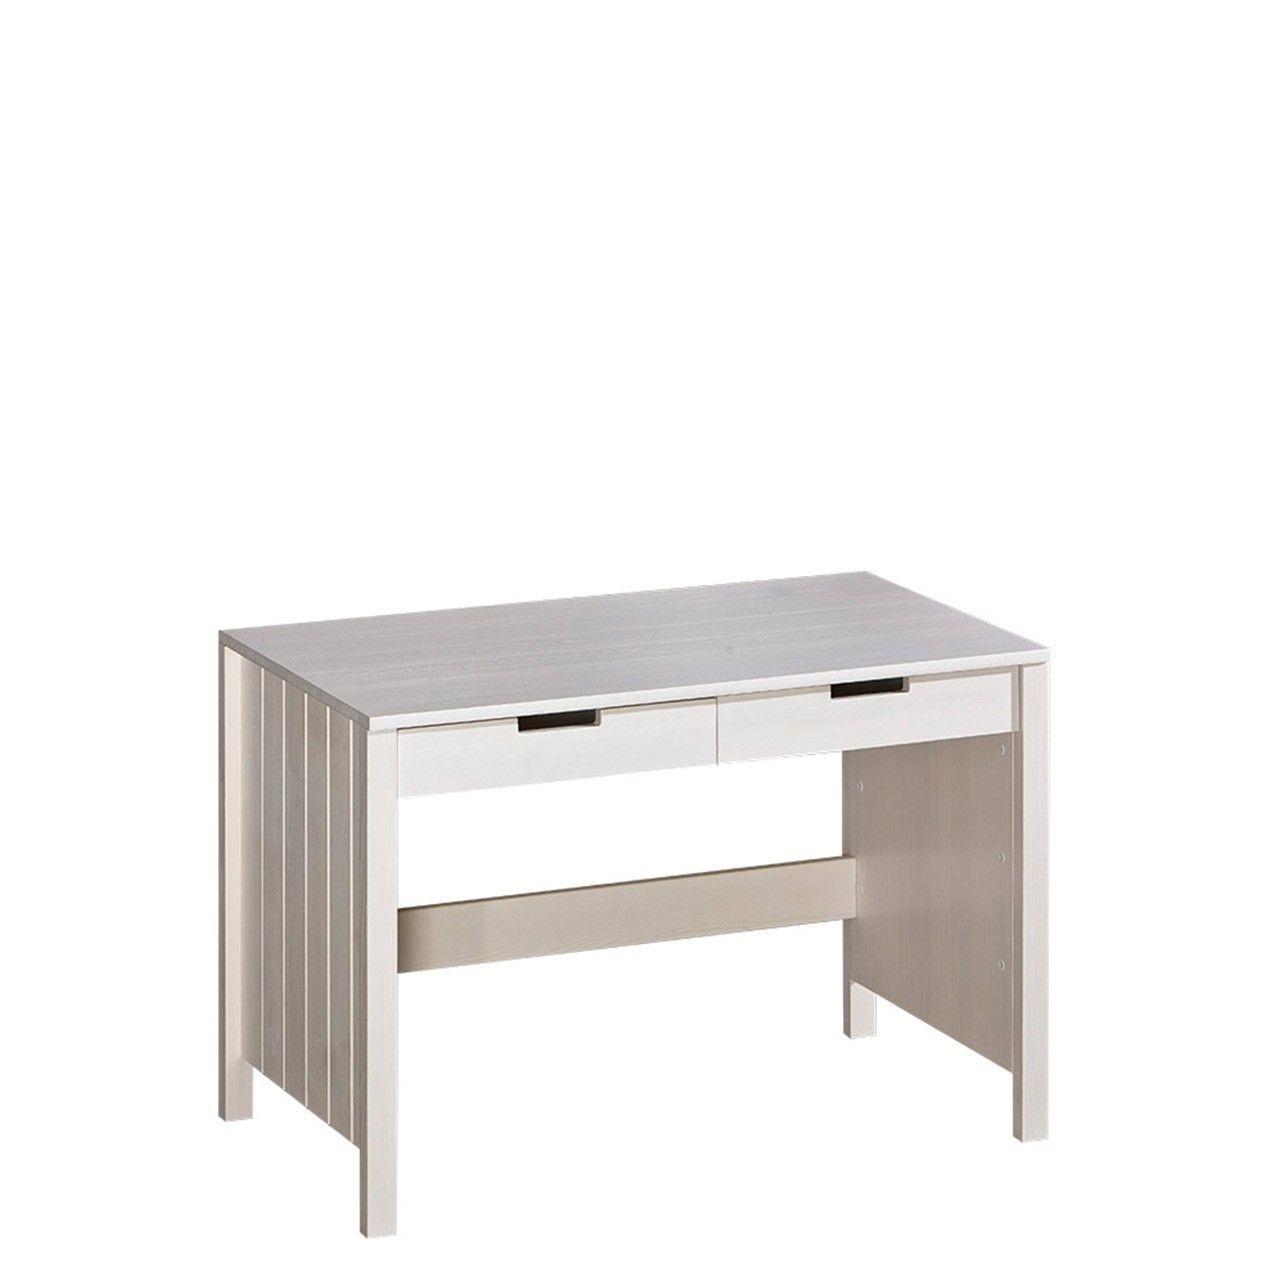 ad7c76a1ec04 Detský písací stôl Tomi TO6 Detský písací stôl Tomi TO6 ...